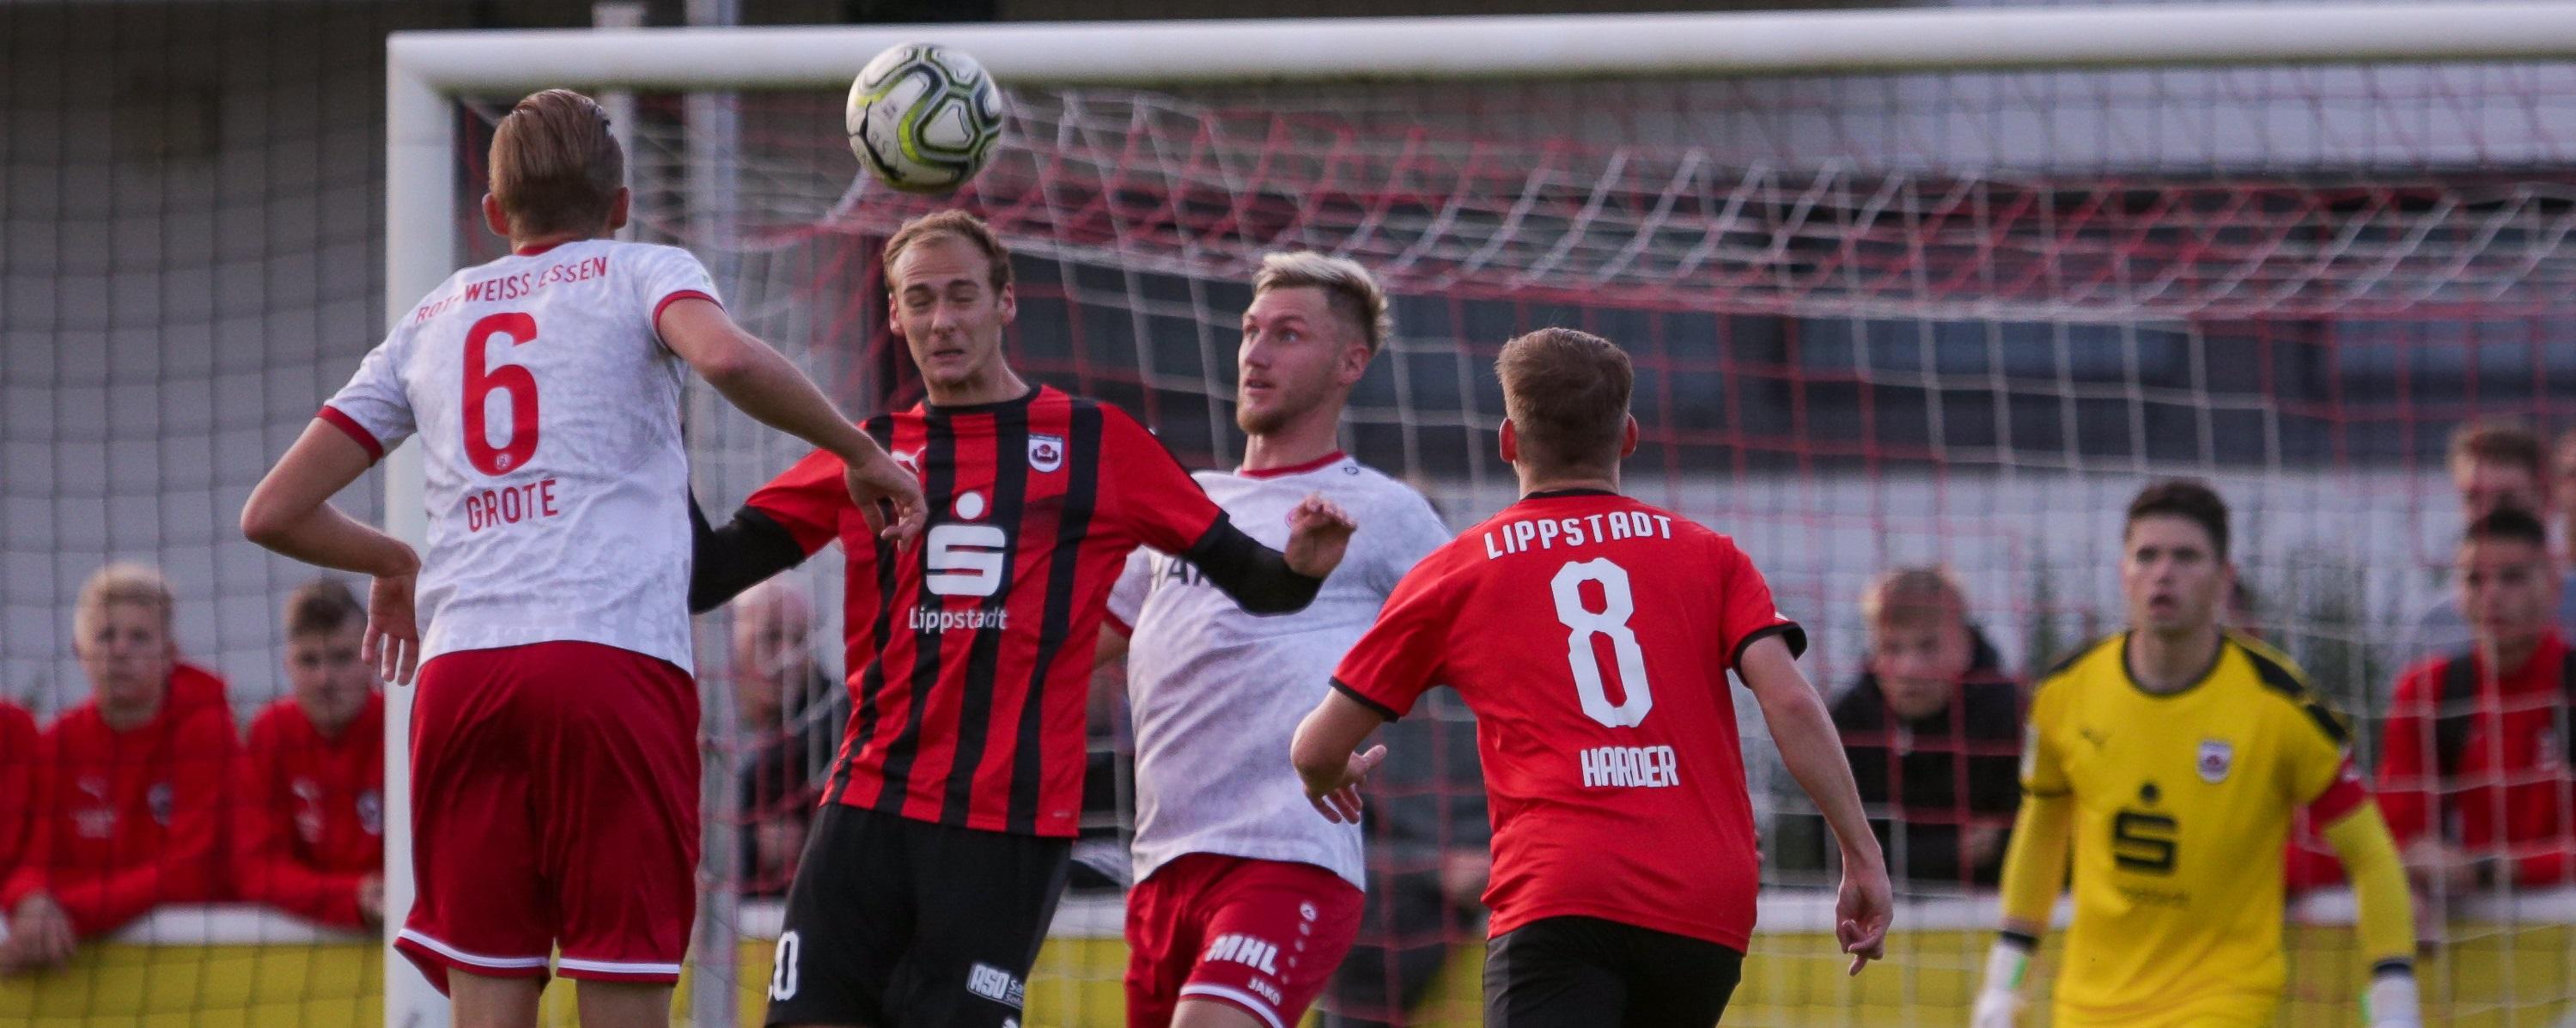 Das Hinspiel in Lippstadt konnte Rot-Weiss Essen mit 4:2 gewinnen. (Foto:Endberg)